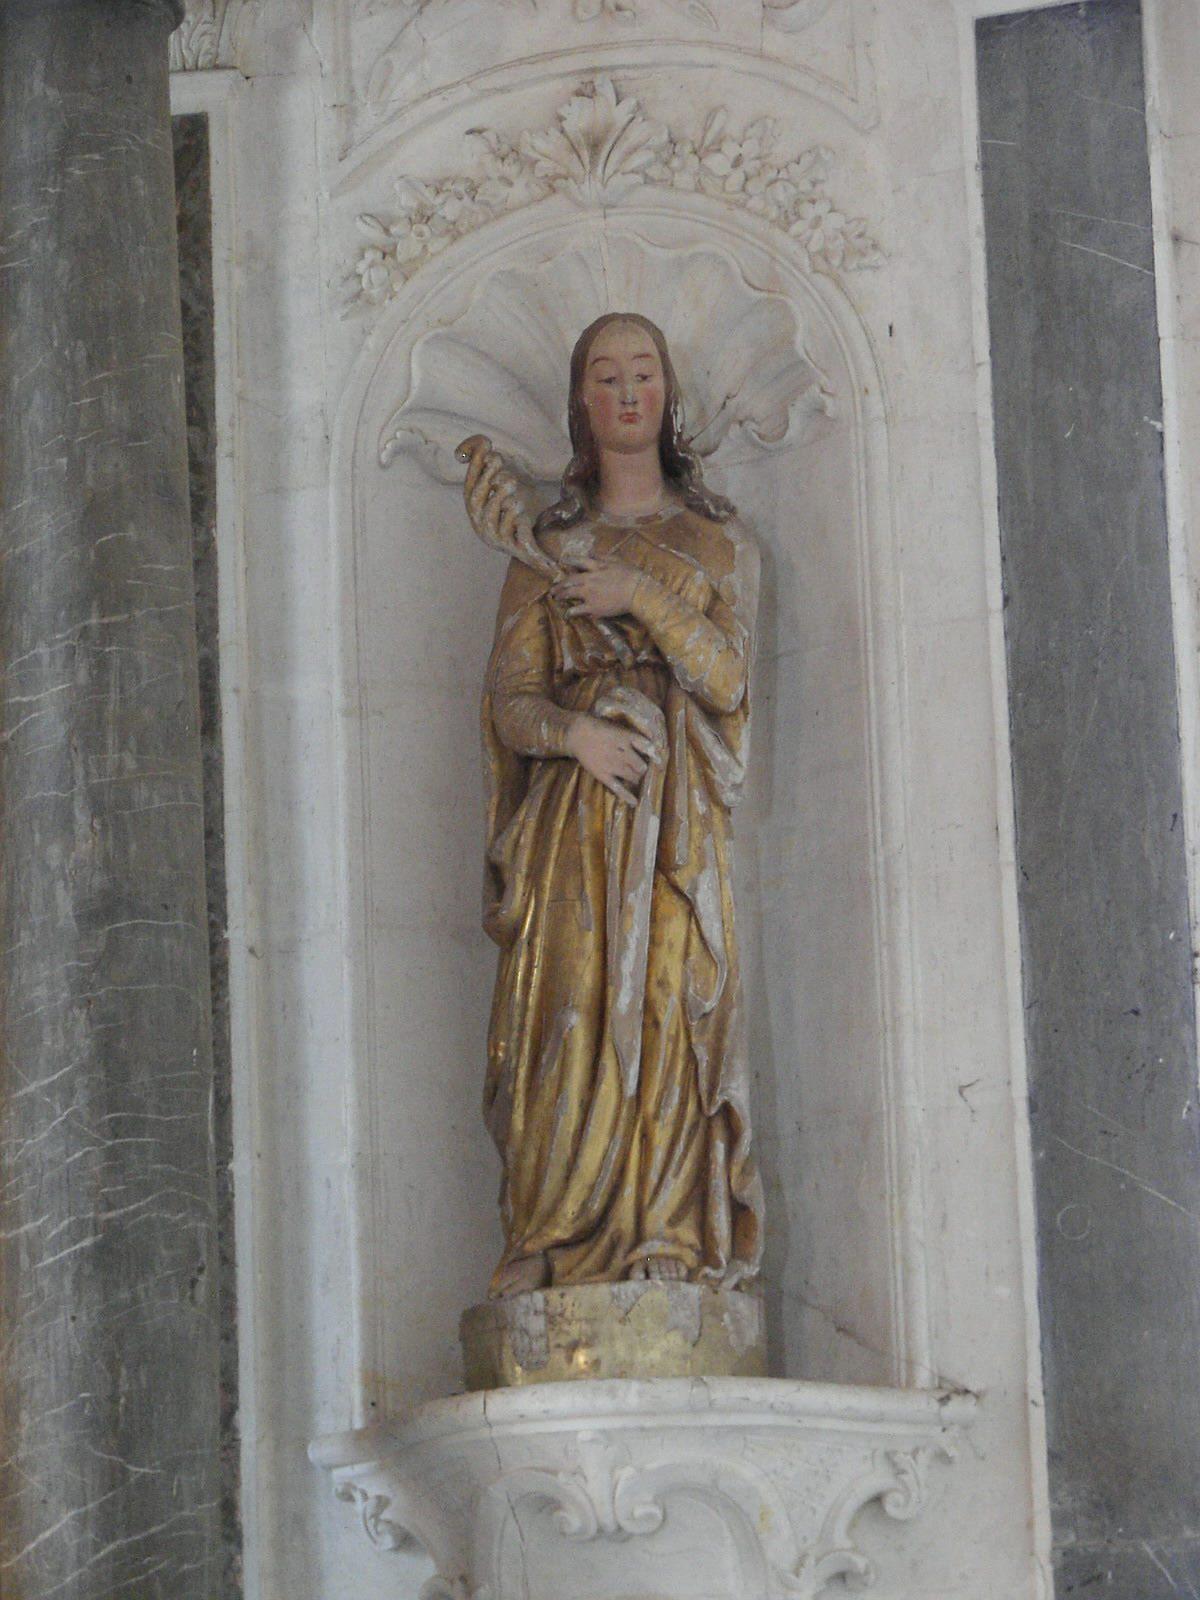 Saint Michel de Chavaignes en 2005 - Eglise Saint Michel 17 (Menu Christophe dit Tahiti)